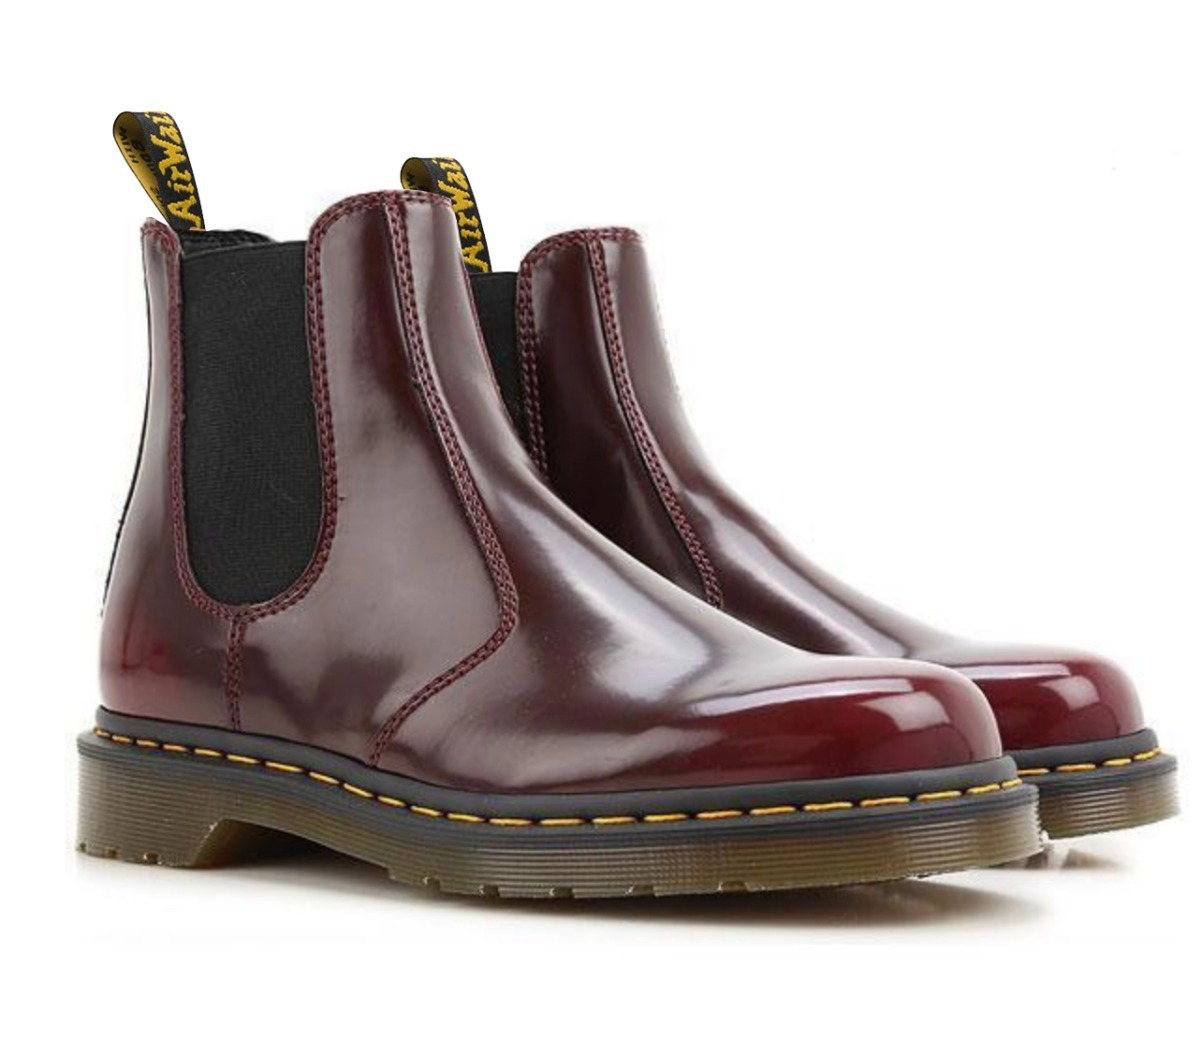 zapatos deportivos 1ae16 340b0 Botas Dr Martens Chelsea Mujer Talla 38 / Granate